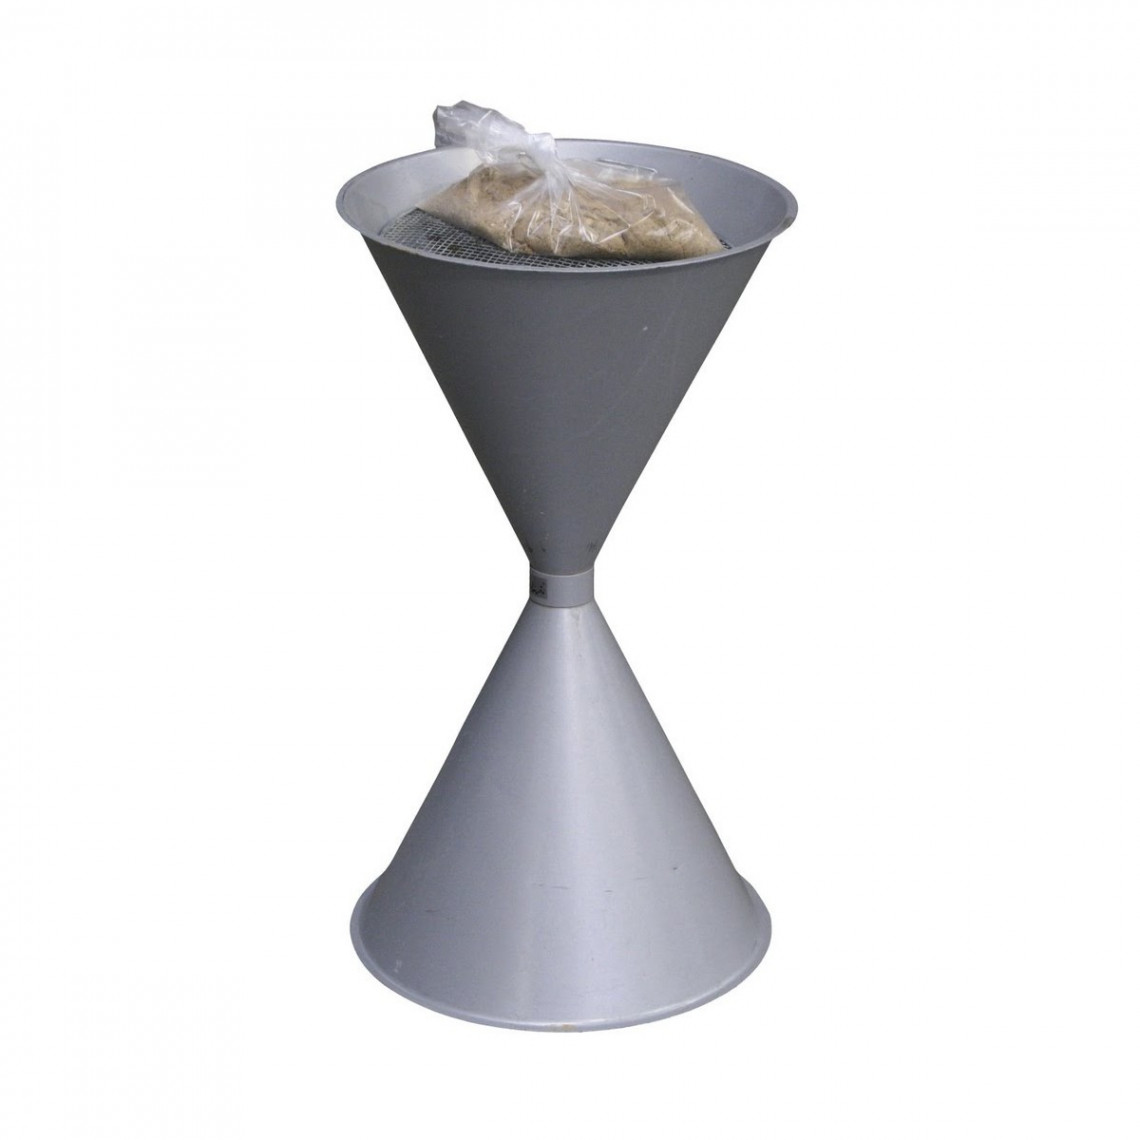 Cendrier d'extérieur en alu gris avec sable